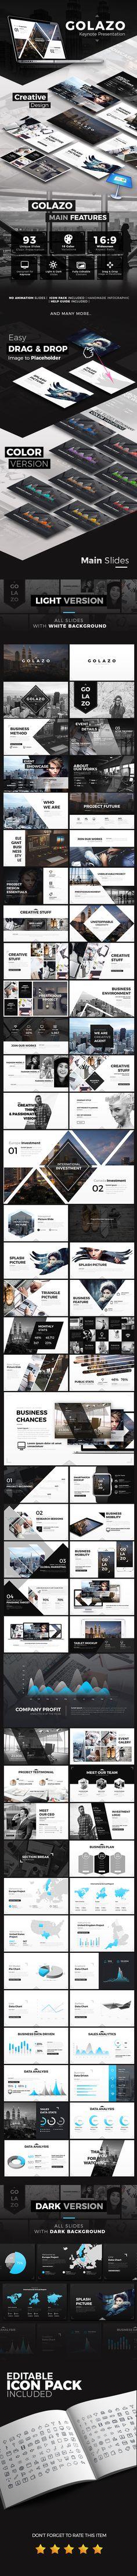 Flux Slides keynote Template | Keynote, Template and Ppt design